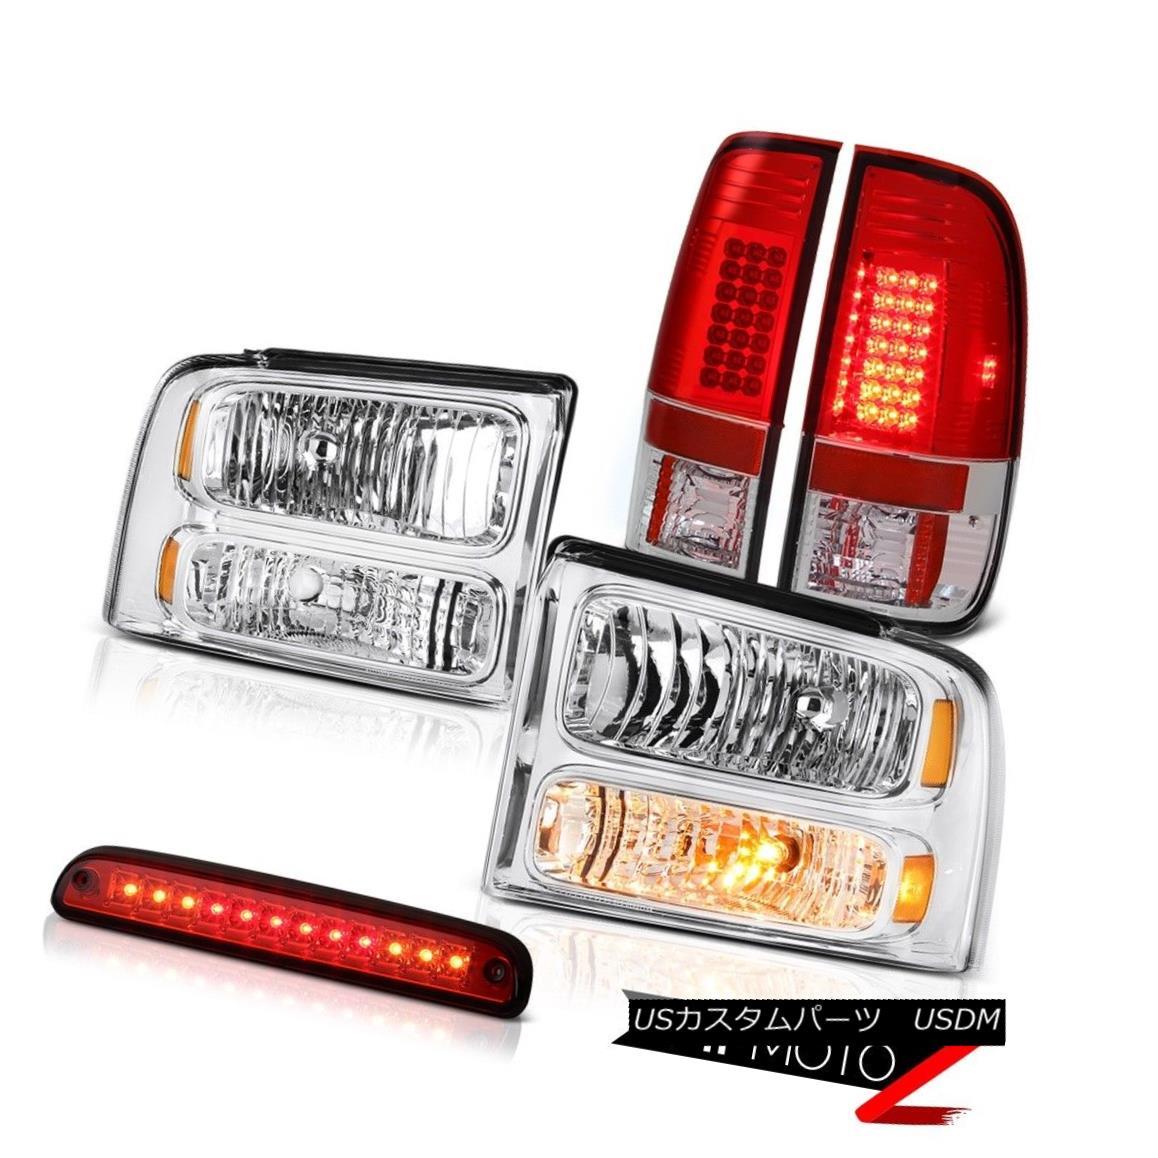 テールライト 2005-2007 F250 Lariat Factory Style Headlights Brake Lamps Taillight 3rd Red LED 2005-2007 F250 Lariat工場スタイルヘッドライトブレーキランプテールライト第3赤色LED